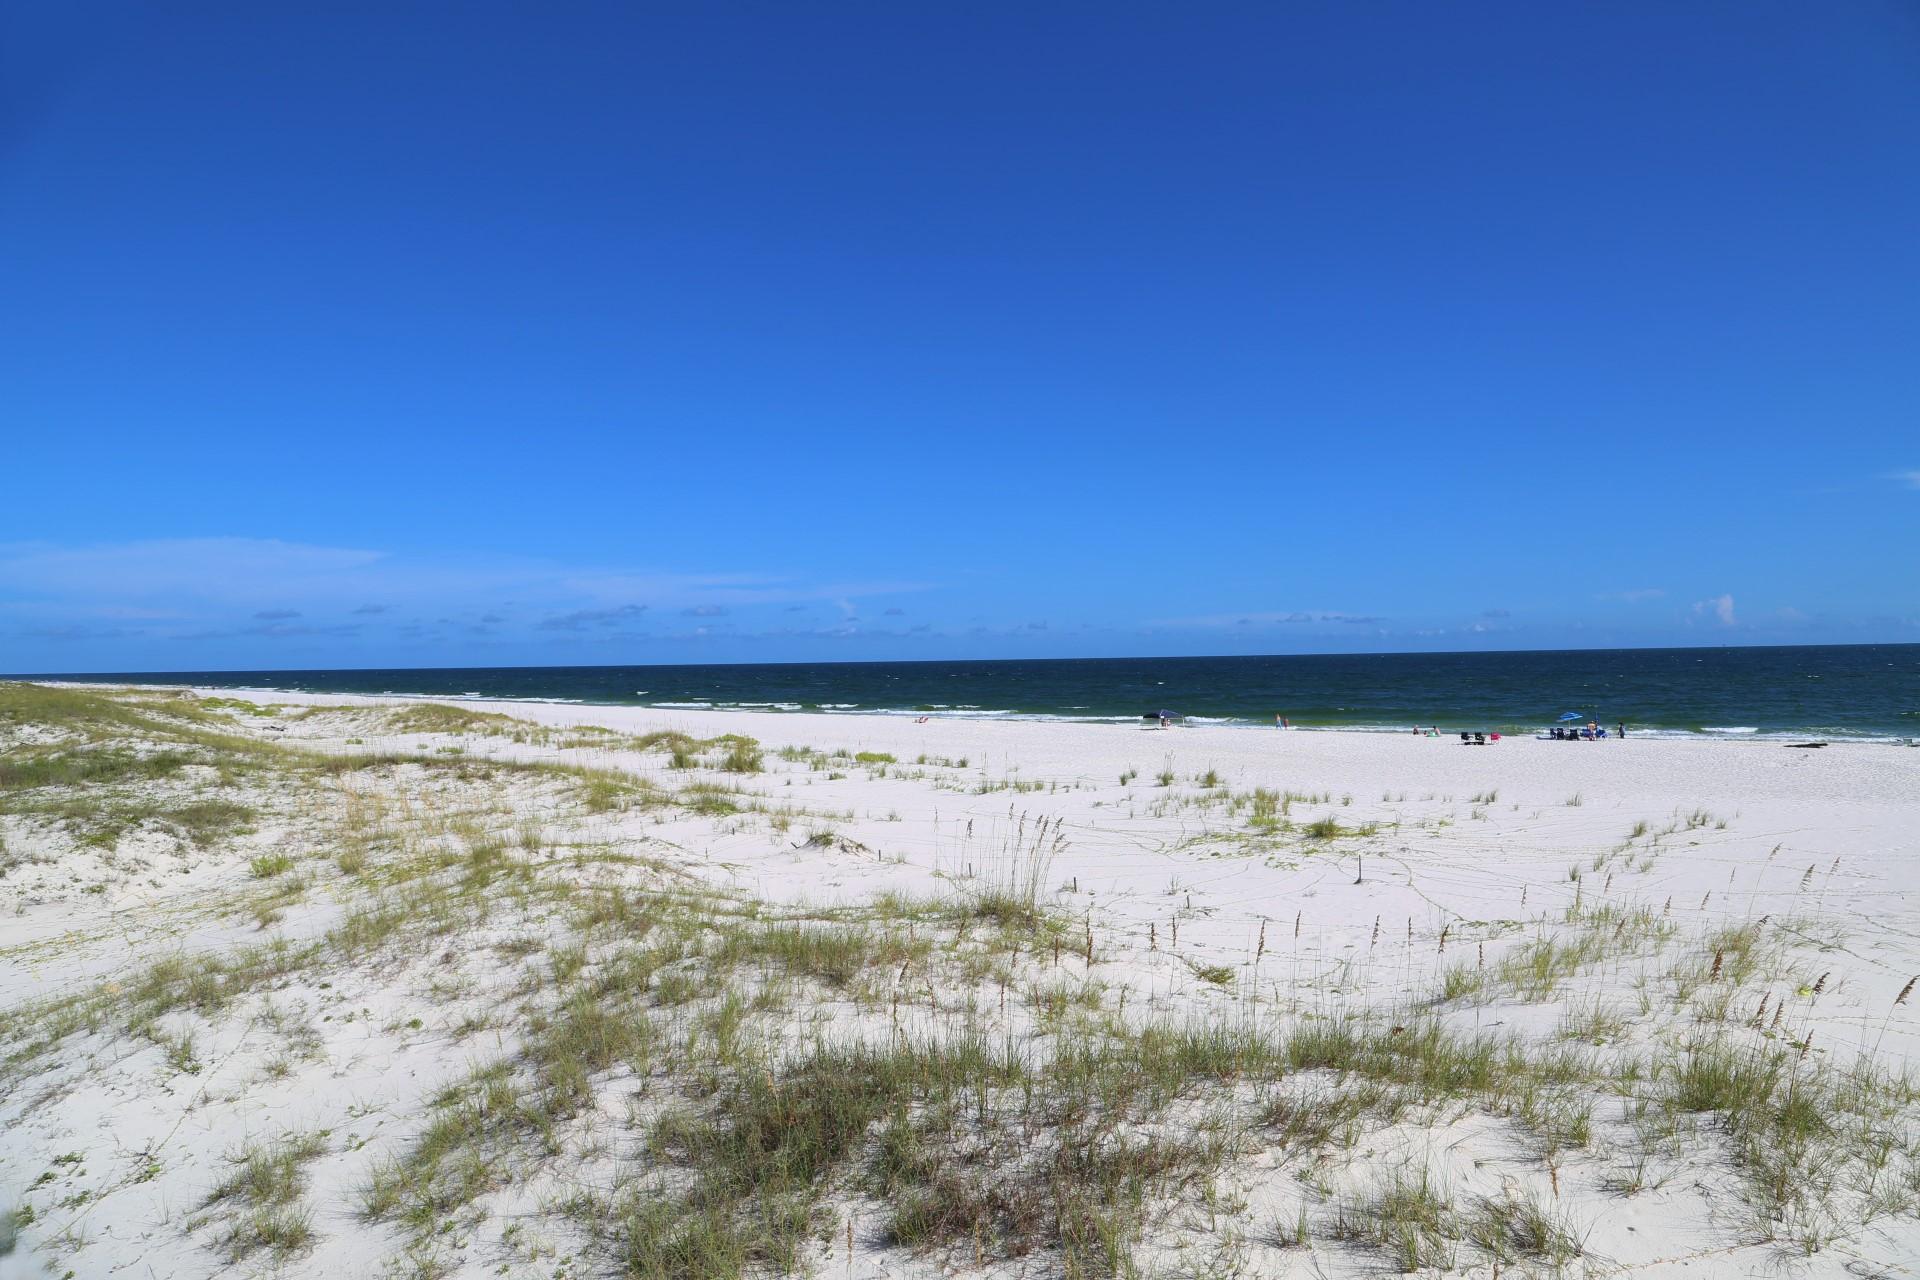 Miles of beach to explore!